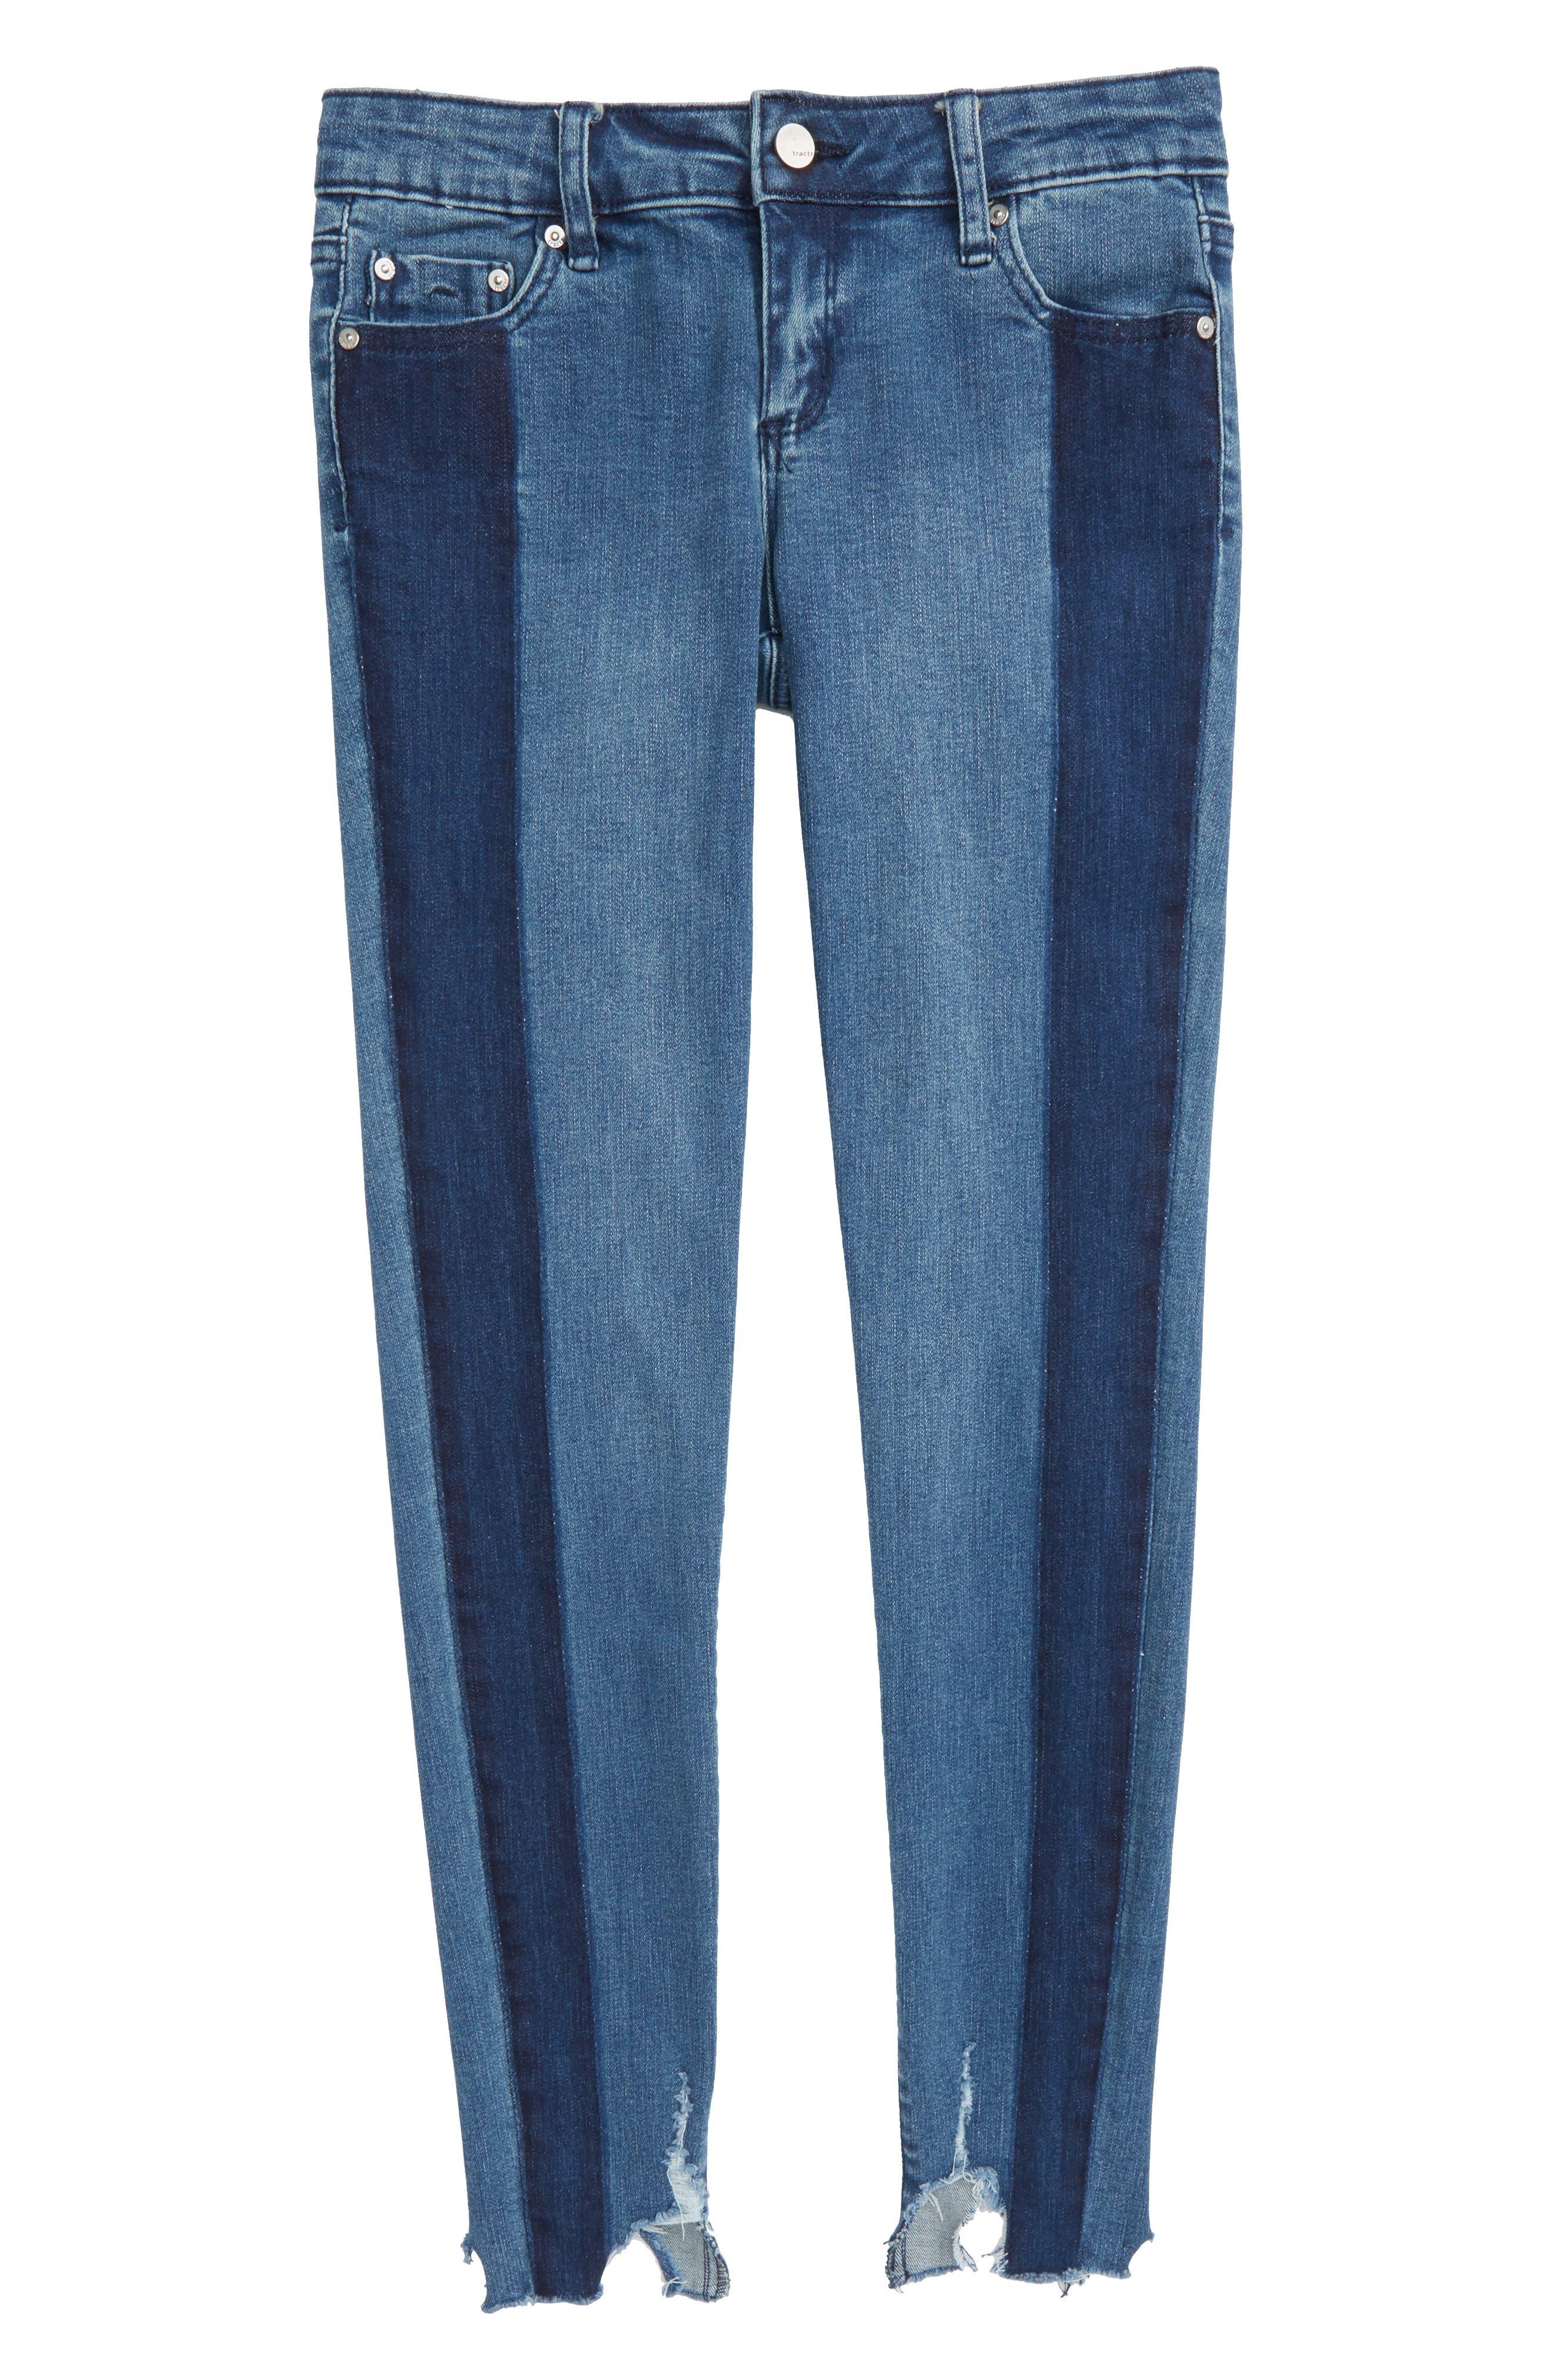 Crop Skinny Jeans,                         Main,                         color, Indigo